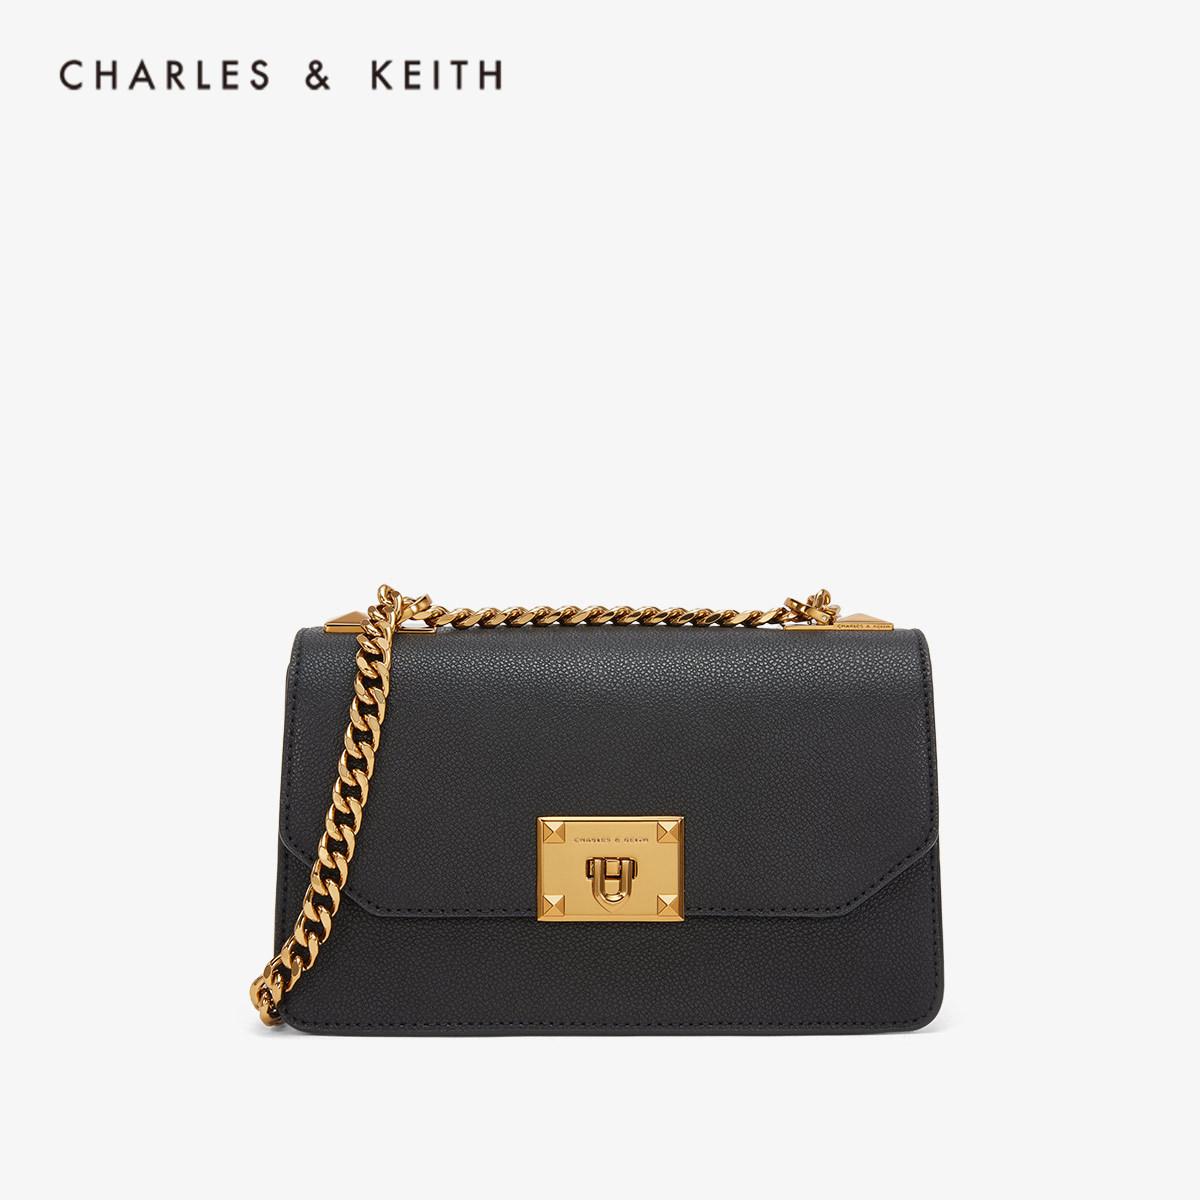 CHARLES&KEITH单肩包CK2-80780832-1金属扣链条翻盖单肩包女包